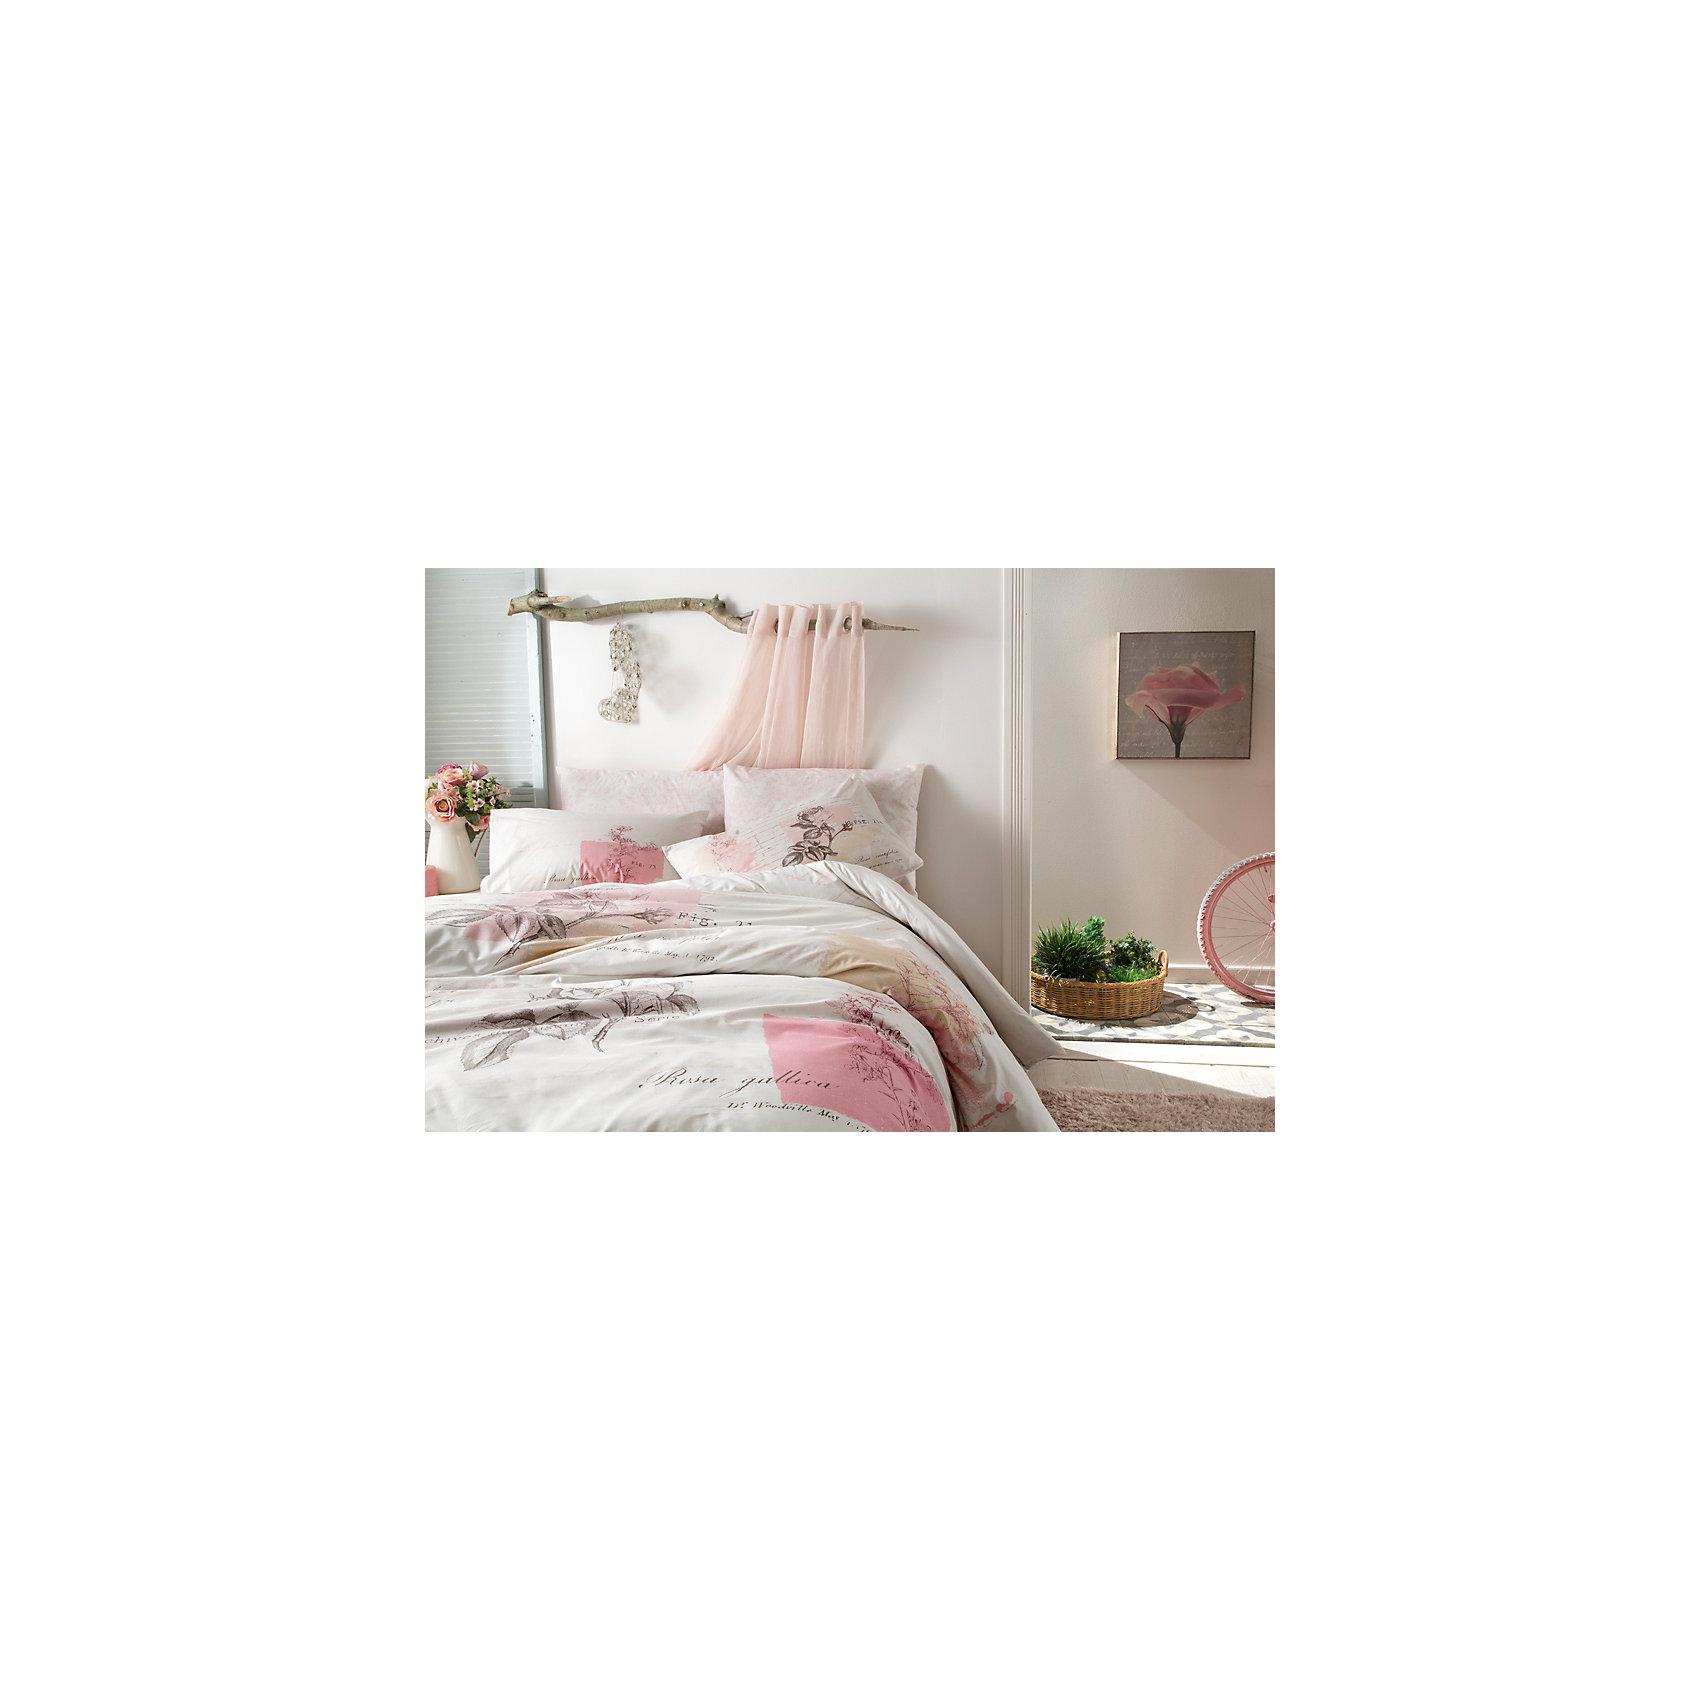 Постельное белье семейный Betsy, Ranforce, TAC, розовыйДомашний текстиль<br>Характеристики товара: <br><br>• комплектация: пододеяльник 2шт.(160х220см), наволочка 2шт.(70х70см), простынь (240х260см);<br>• общий размер:  семейный;<br>• материал: ранфорс (100% хлопок);<br>• цвет: розовый;<br>• страна бренда: Туркмения;<br>• страна производитель: Турция.<br><br>Это постельное бельё от турецкого бренда TAC (ТАЧ) отлично впишется в интерьер. Несмотря на плотность ткани, она состоит из мельчайших волокон, что придаёт мягкость и воздушность изделию. Все материалы, которые входят в состав этого комплекта, гипоаллергенны и не вызывают неприятных ощущений.<br><br>Постельное бельё не боится воды, так как пропускает через себя около 20% влаги и выводит наружу, поэтому её очень легко сушить. Такие материалы не электризуются, а наоборот способствуют улучшению сна и хорошо пропускают воздух.<br> <br>Такой комплект очень устойчив к частым стиркам, его рекомендуется стирать обычным порошком. Ткань отличается особой износоустойчивостью и прочностью.<br><br>Постельное белье  Betsy (Бетси) можно купить в нашем интернет-магазине.<br><br>Ширина мм: 270<br>Глубина мм: 80<br>Высота мм: 370<br>Вес г: 3500<br>Возраст от месяцев: 216<br>Возраст до месяцев: 1188<br>Пол: Унисекс<br>Возраст: Детский<br>SKU: 6849259